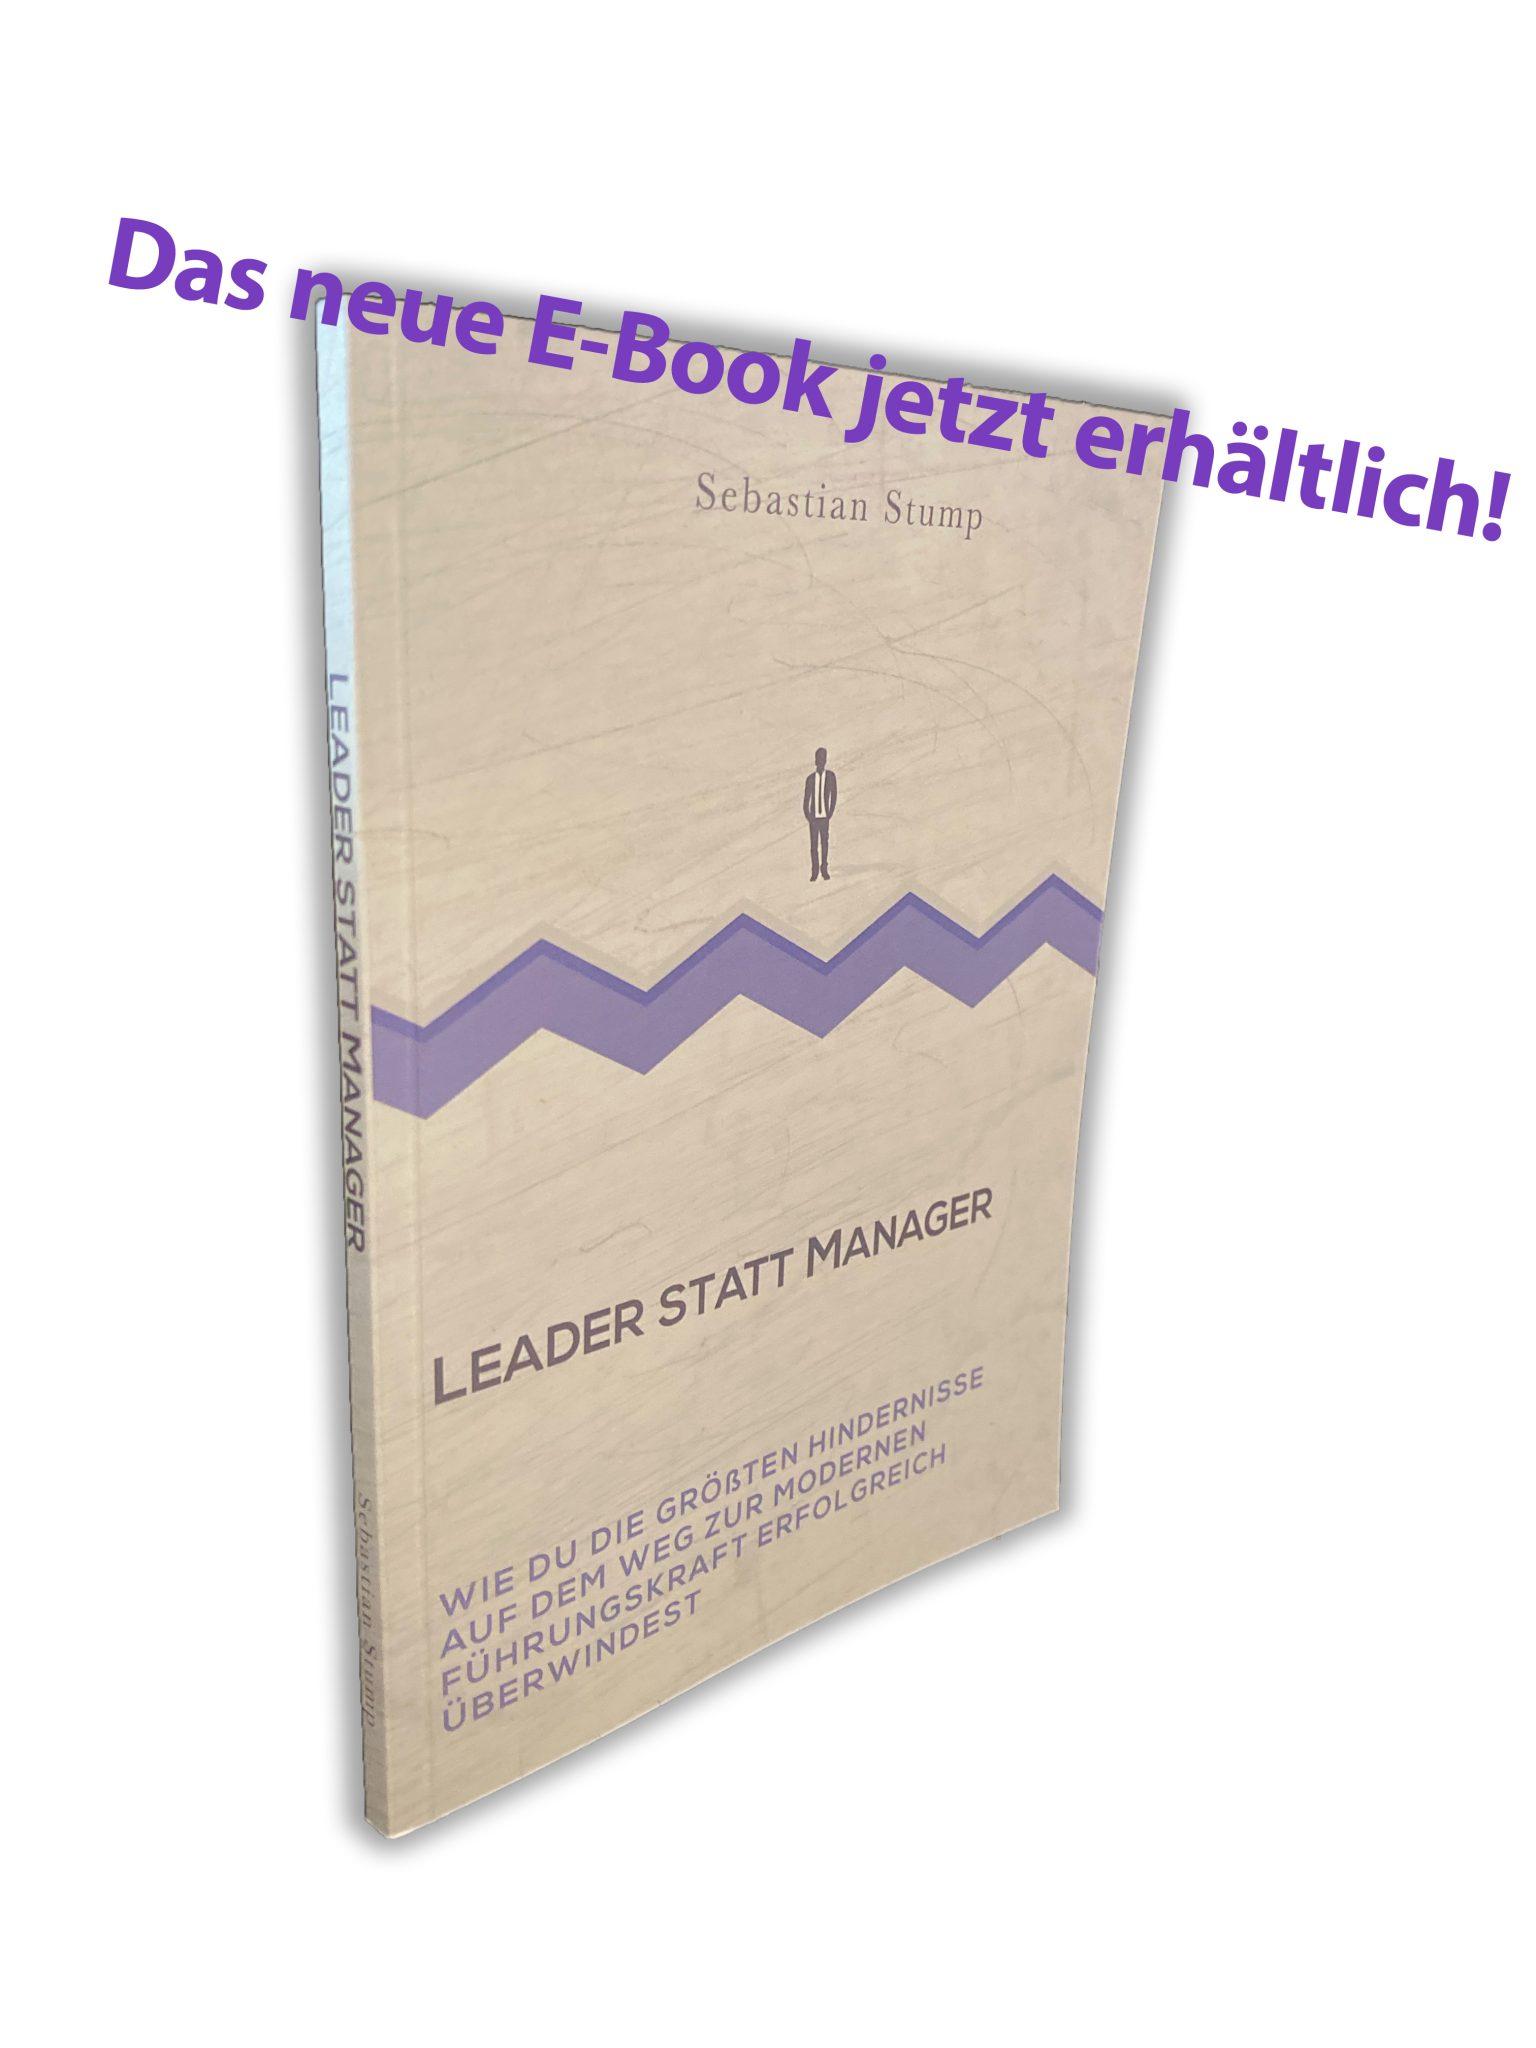 Agile Methoden von der Praxis für die Praxis -   Leader statt Manager